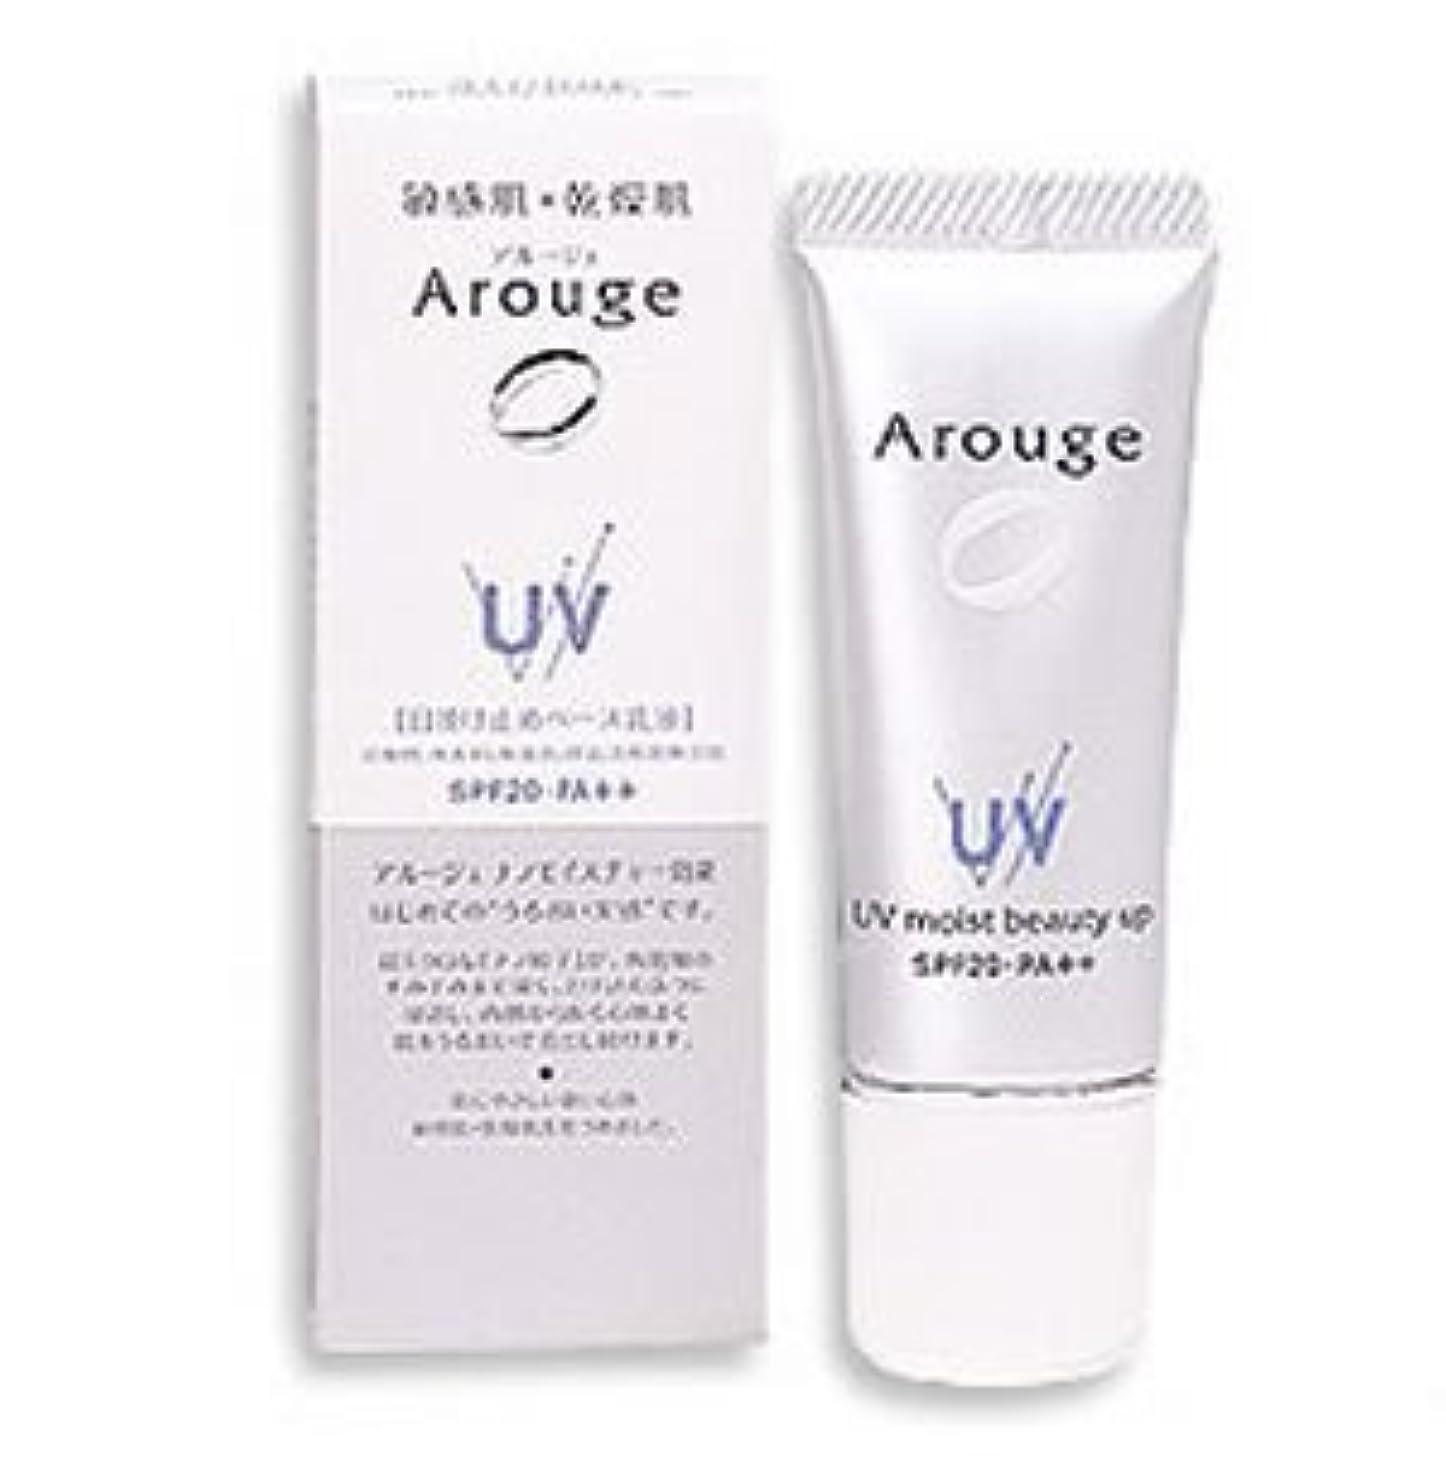 著作権洗剤間違っているアルージェ UVモイストビューティーアップ25g